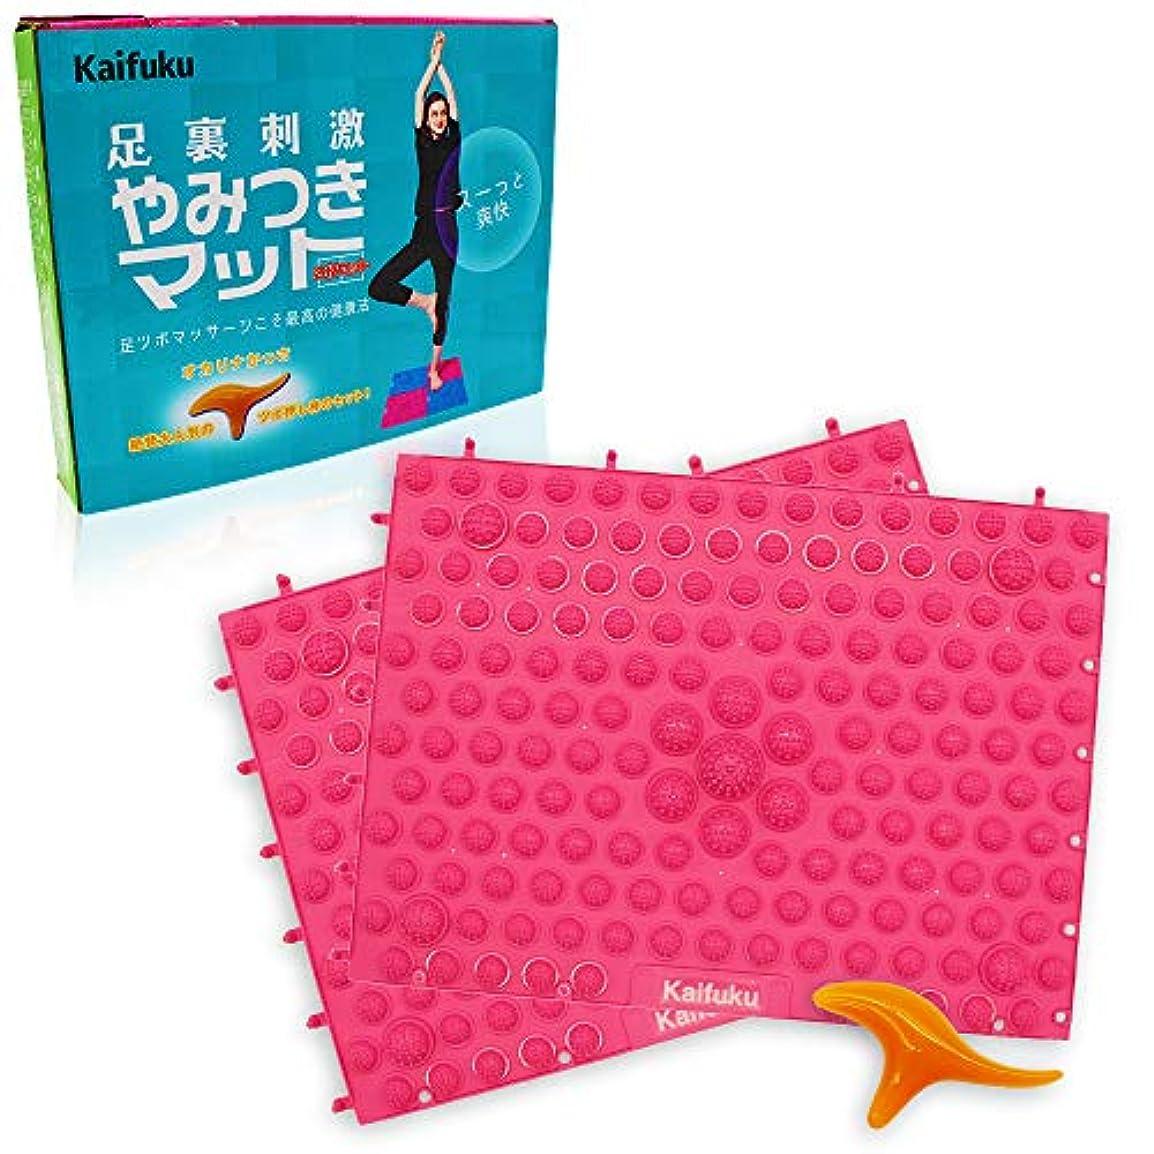 ヤング音楽家検出器kaifuku 足つぼマット 足つぼ 足裏マッサージ 足つぼマッサージ ツボ押し棒 2枚セット (ピンク)